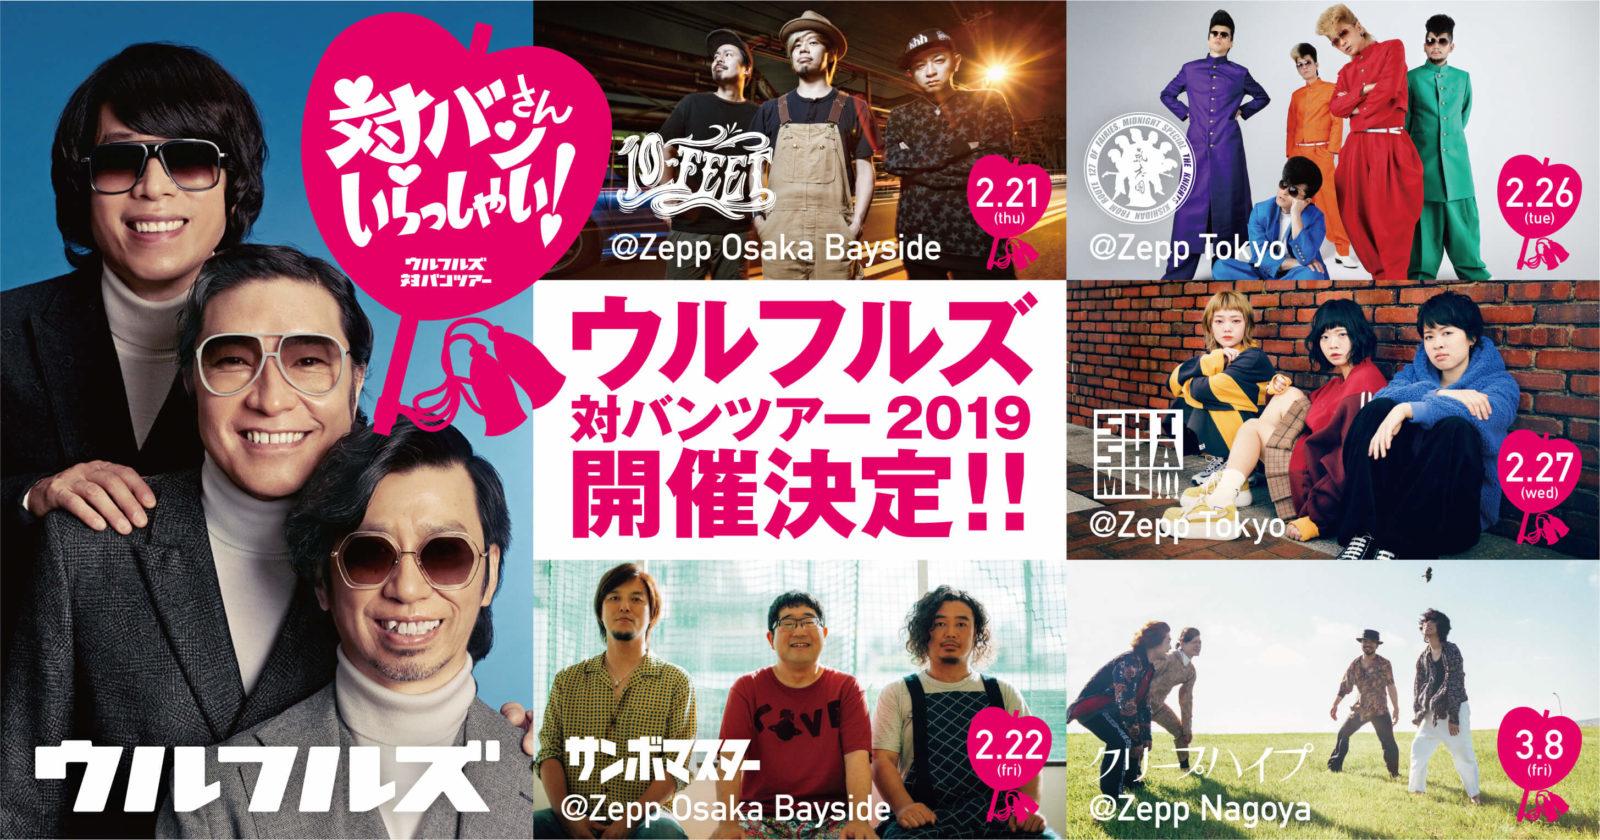 ウルフルズ主催対バンツアー、アーティスト最終発表!名古屋公演にクリープハイプの出演が決定サムネイル画像